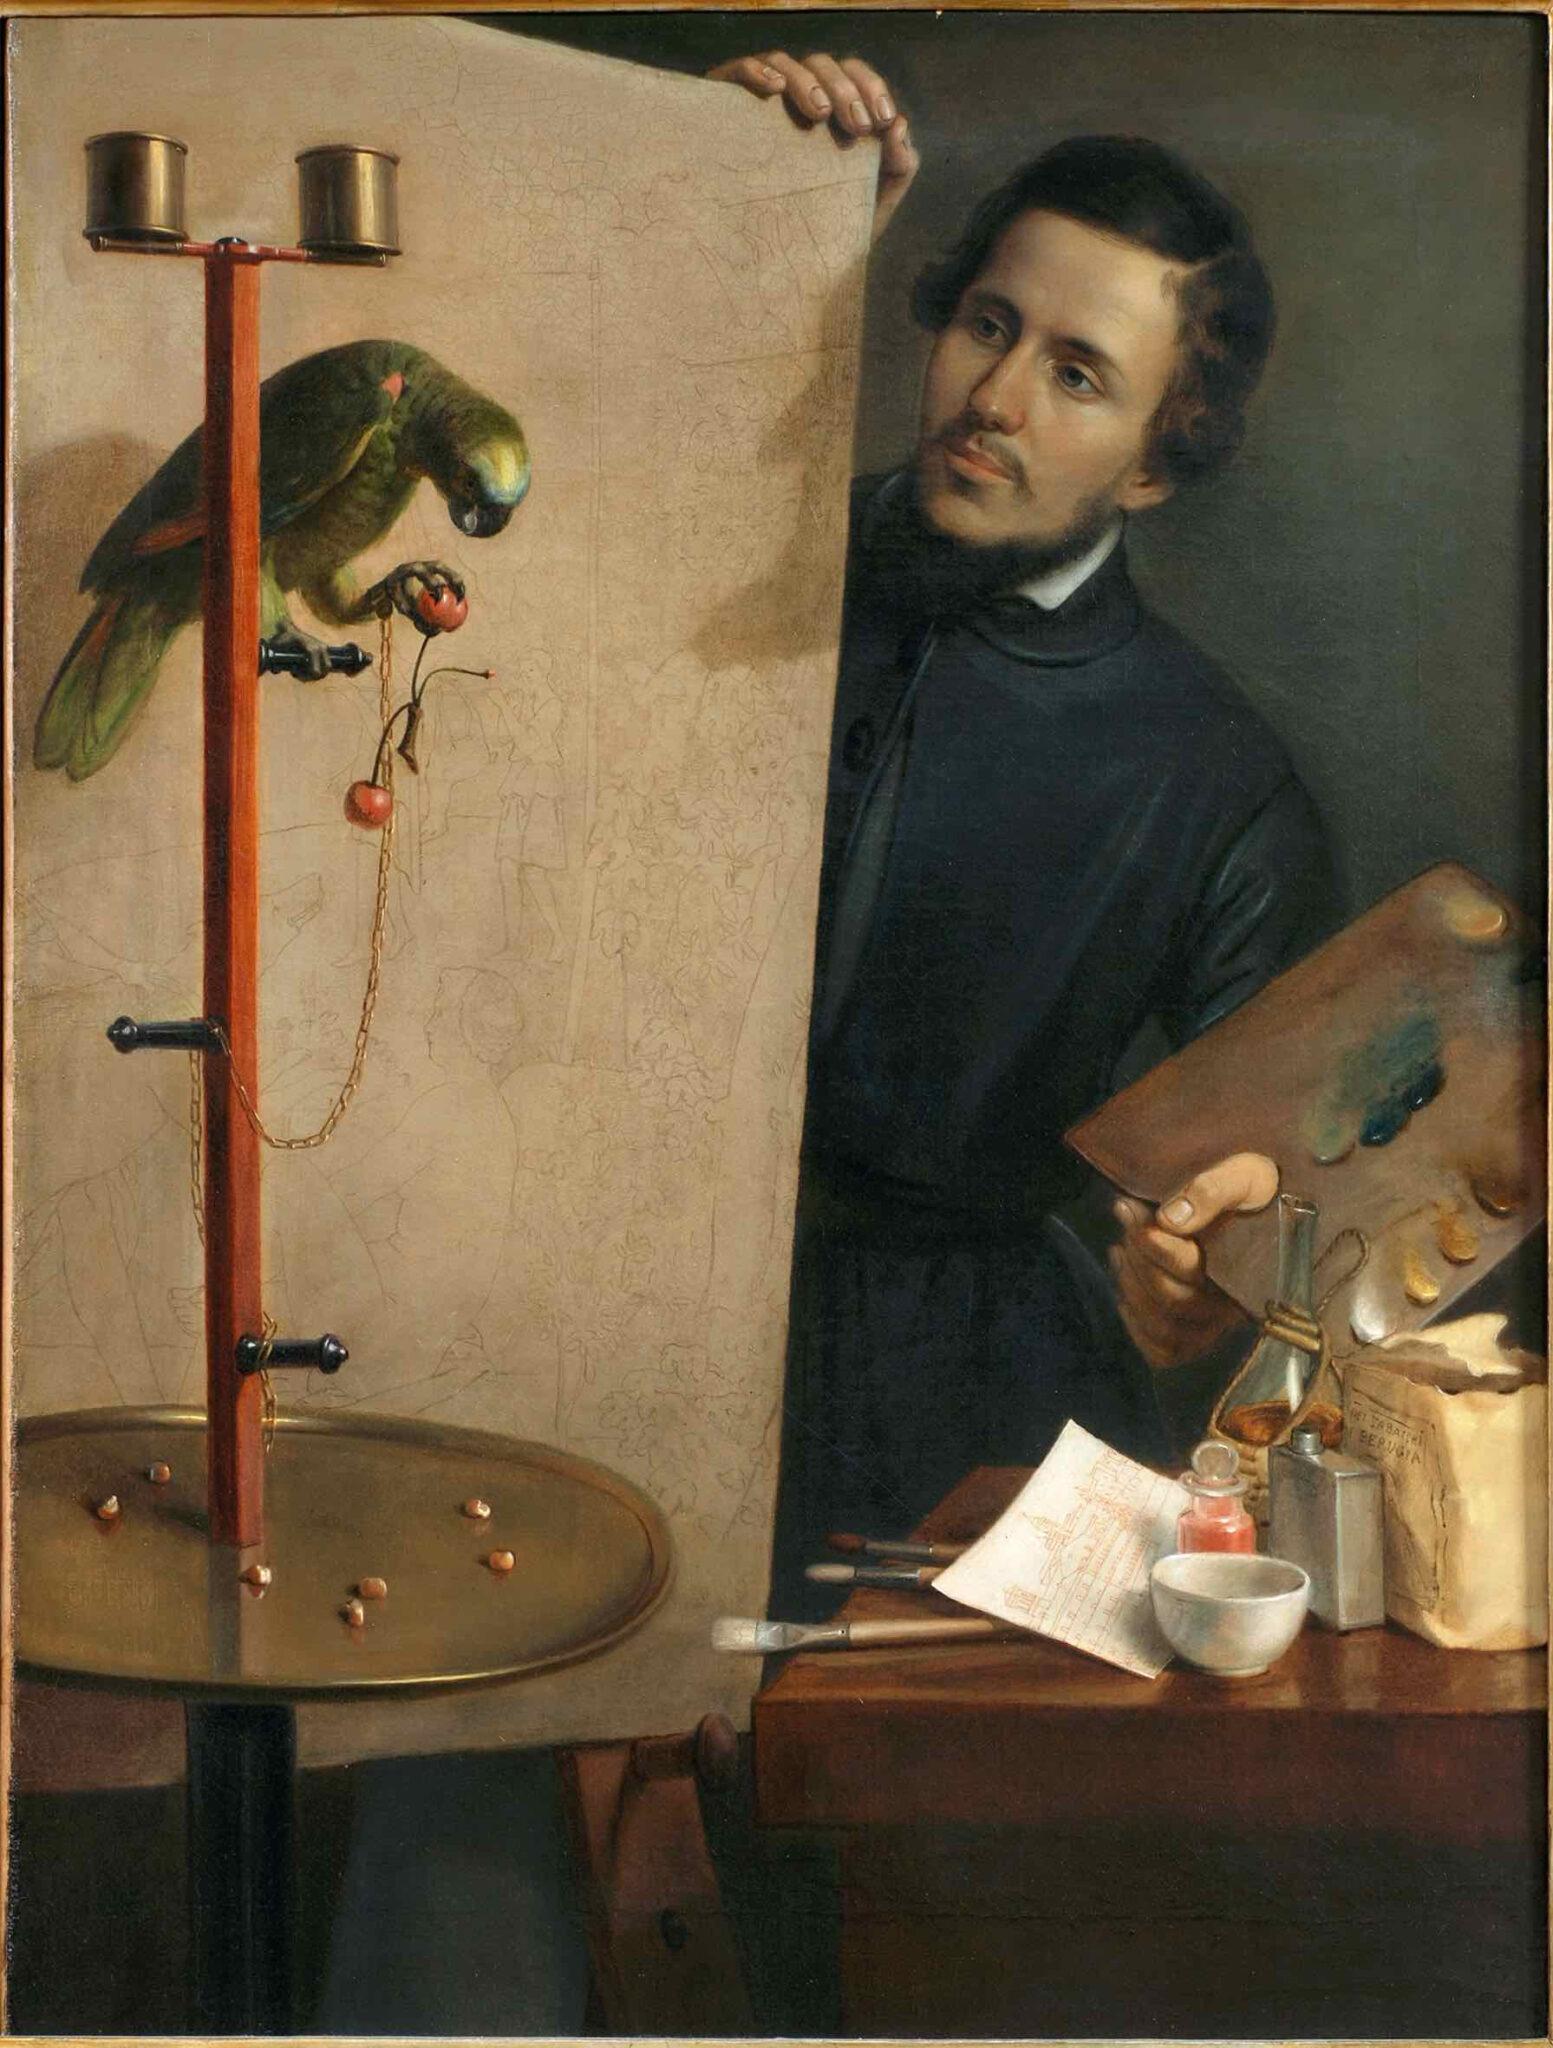 Mariano Guardabassi, Autoritratto col pappagallo